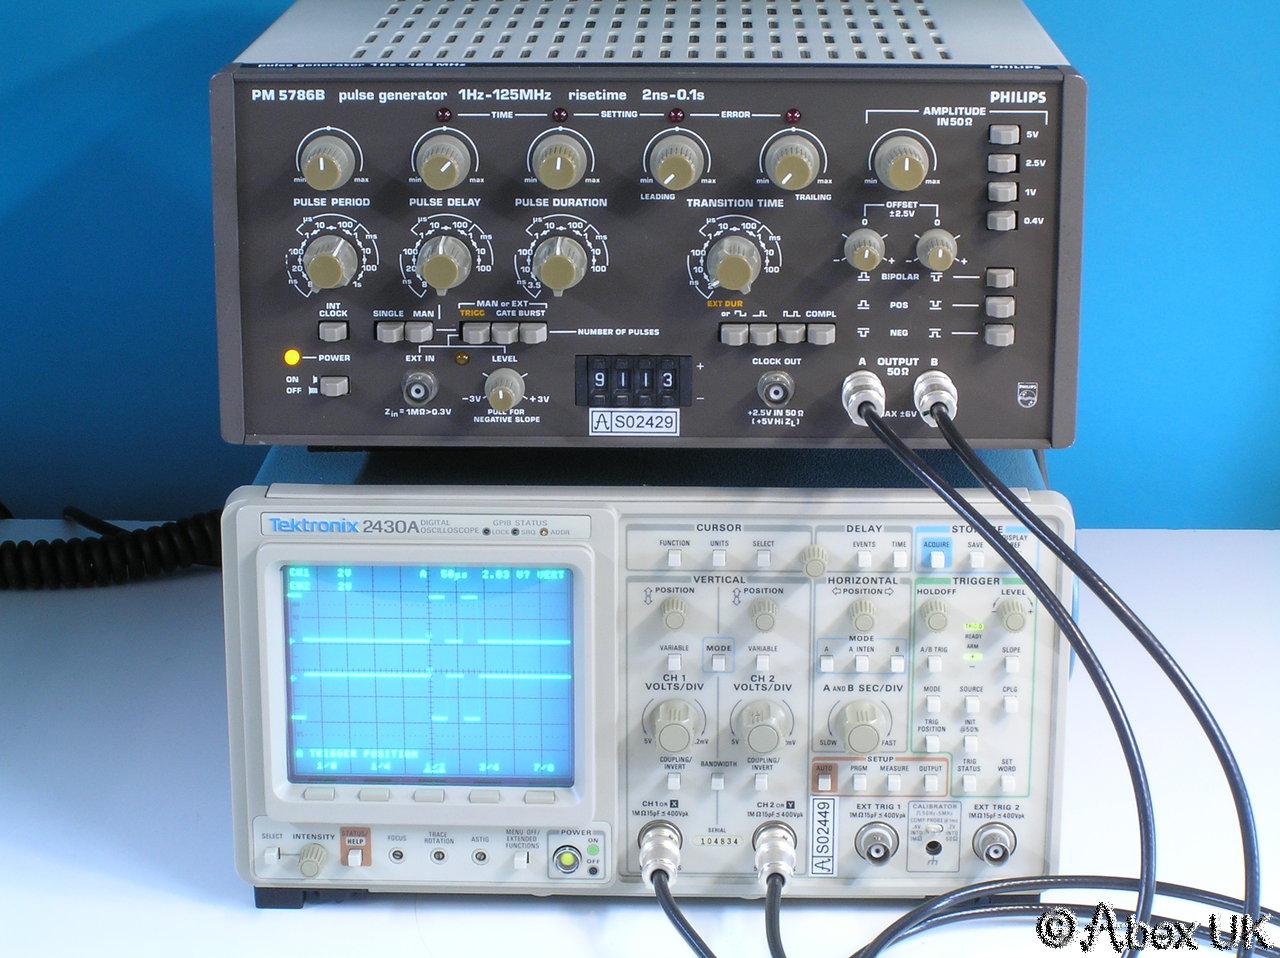 Best Tektronix Oscilloscope : Tektronix a digital oscilloscope dual channel mhz